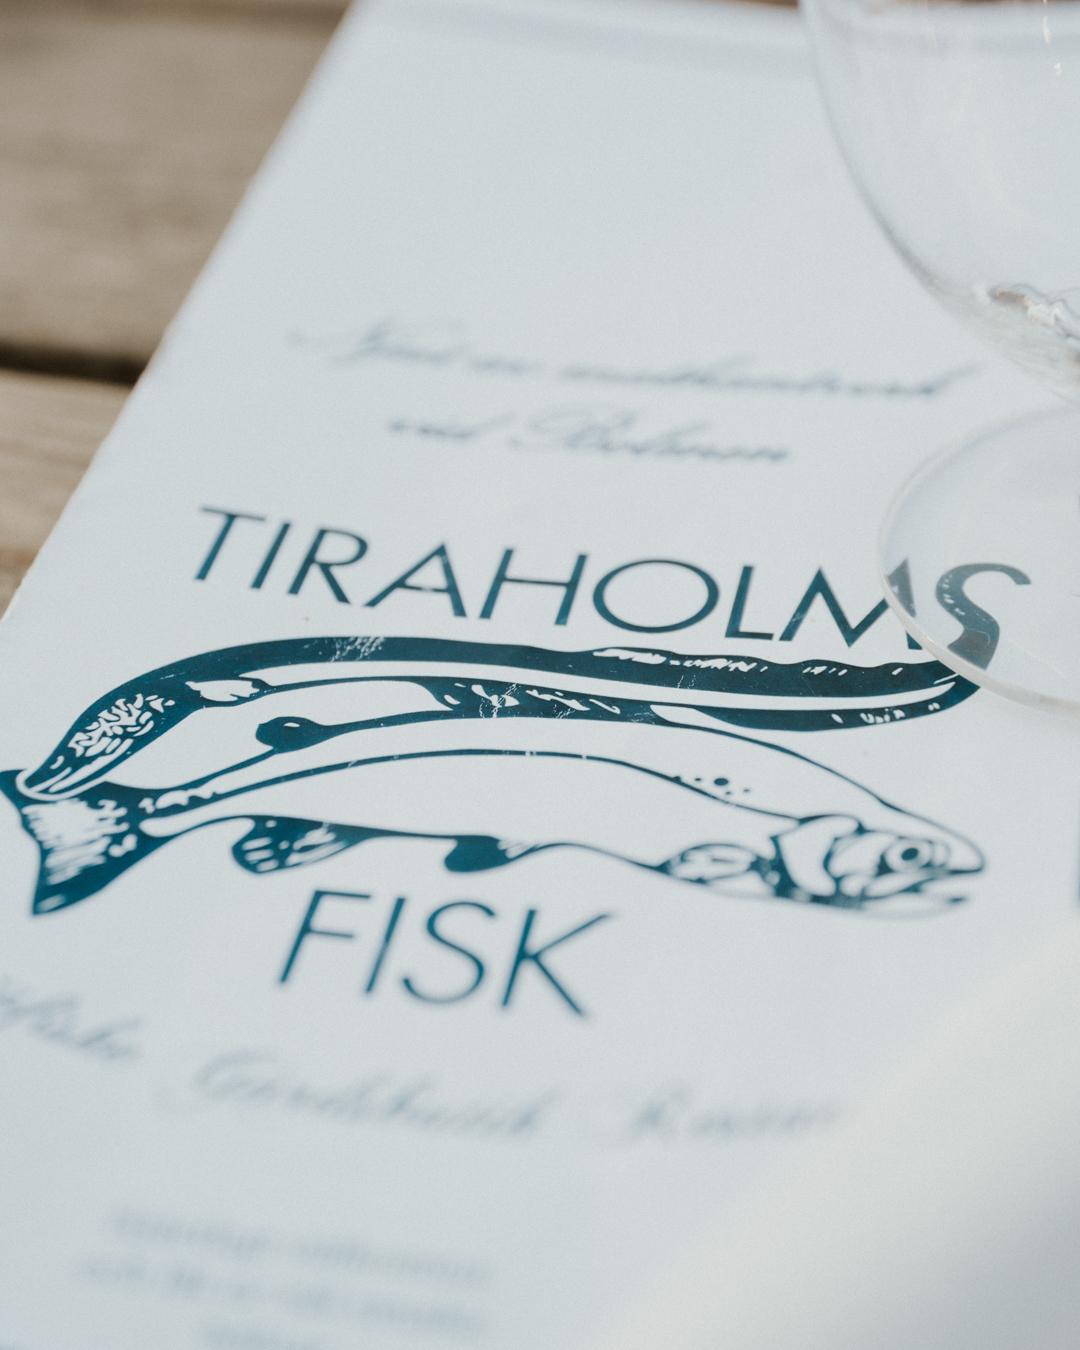 Här serveras lokalt fångad gös, gädda, regnbåge, ål och lake.